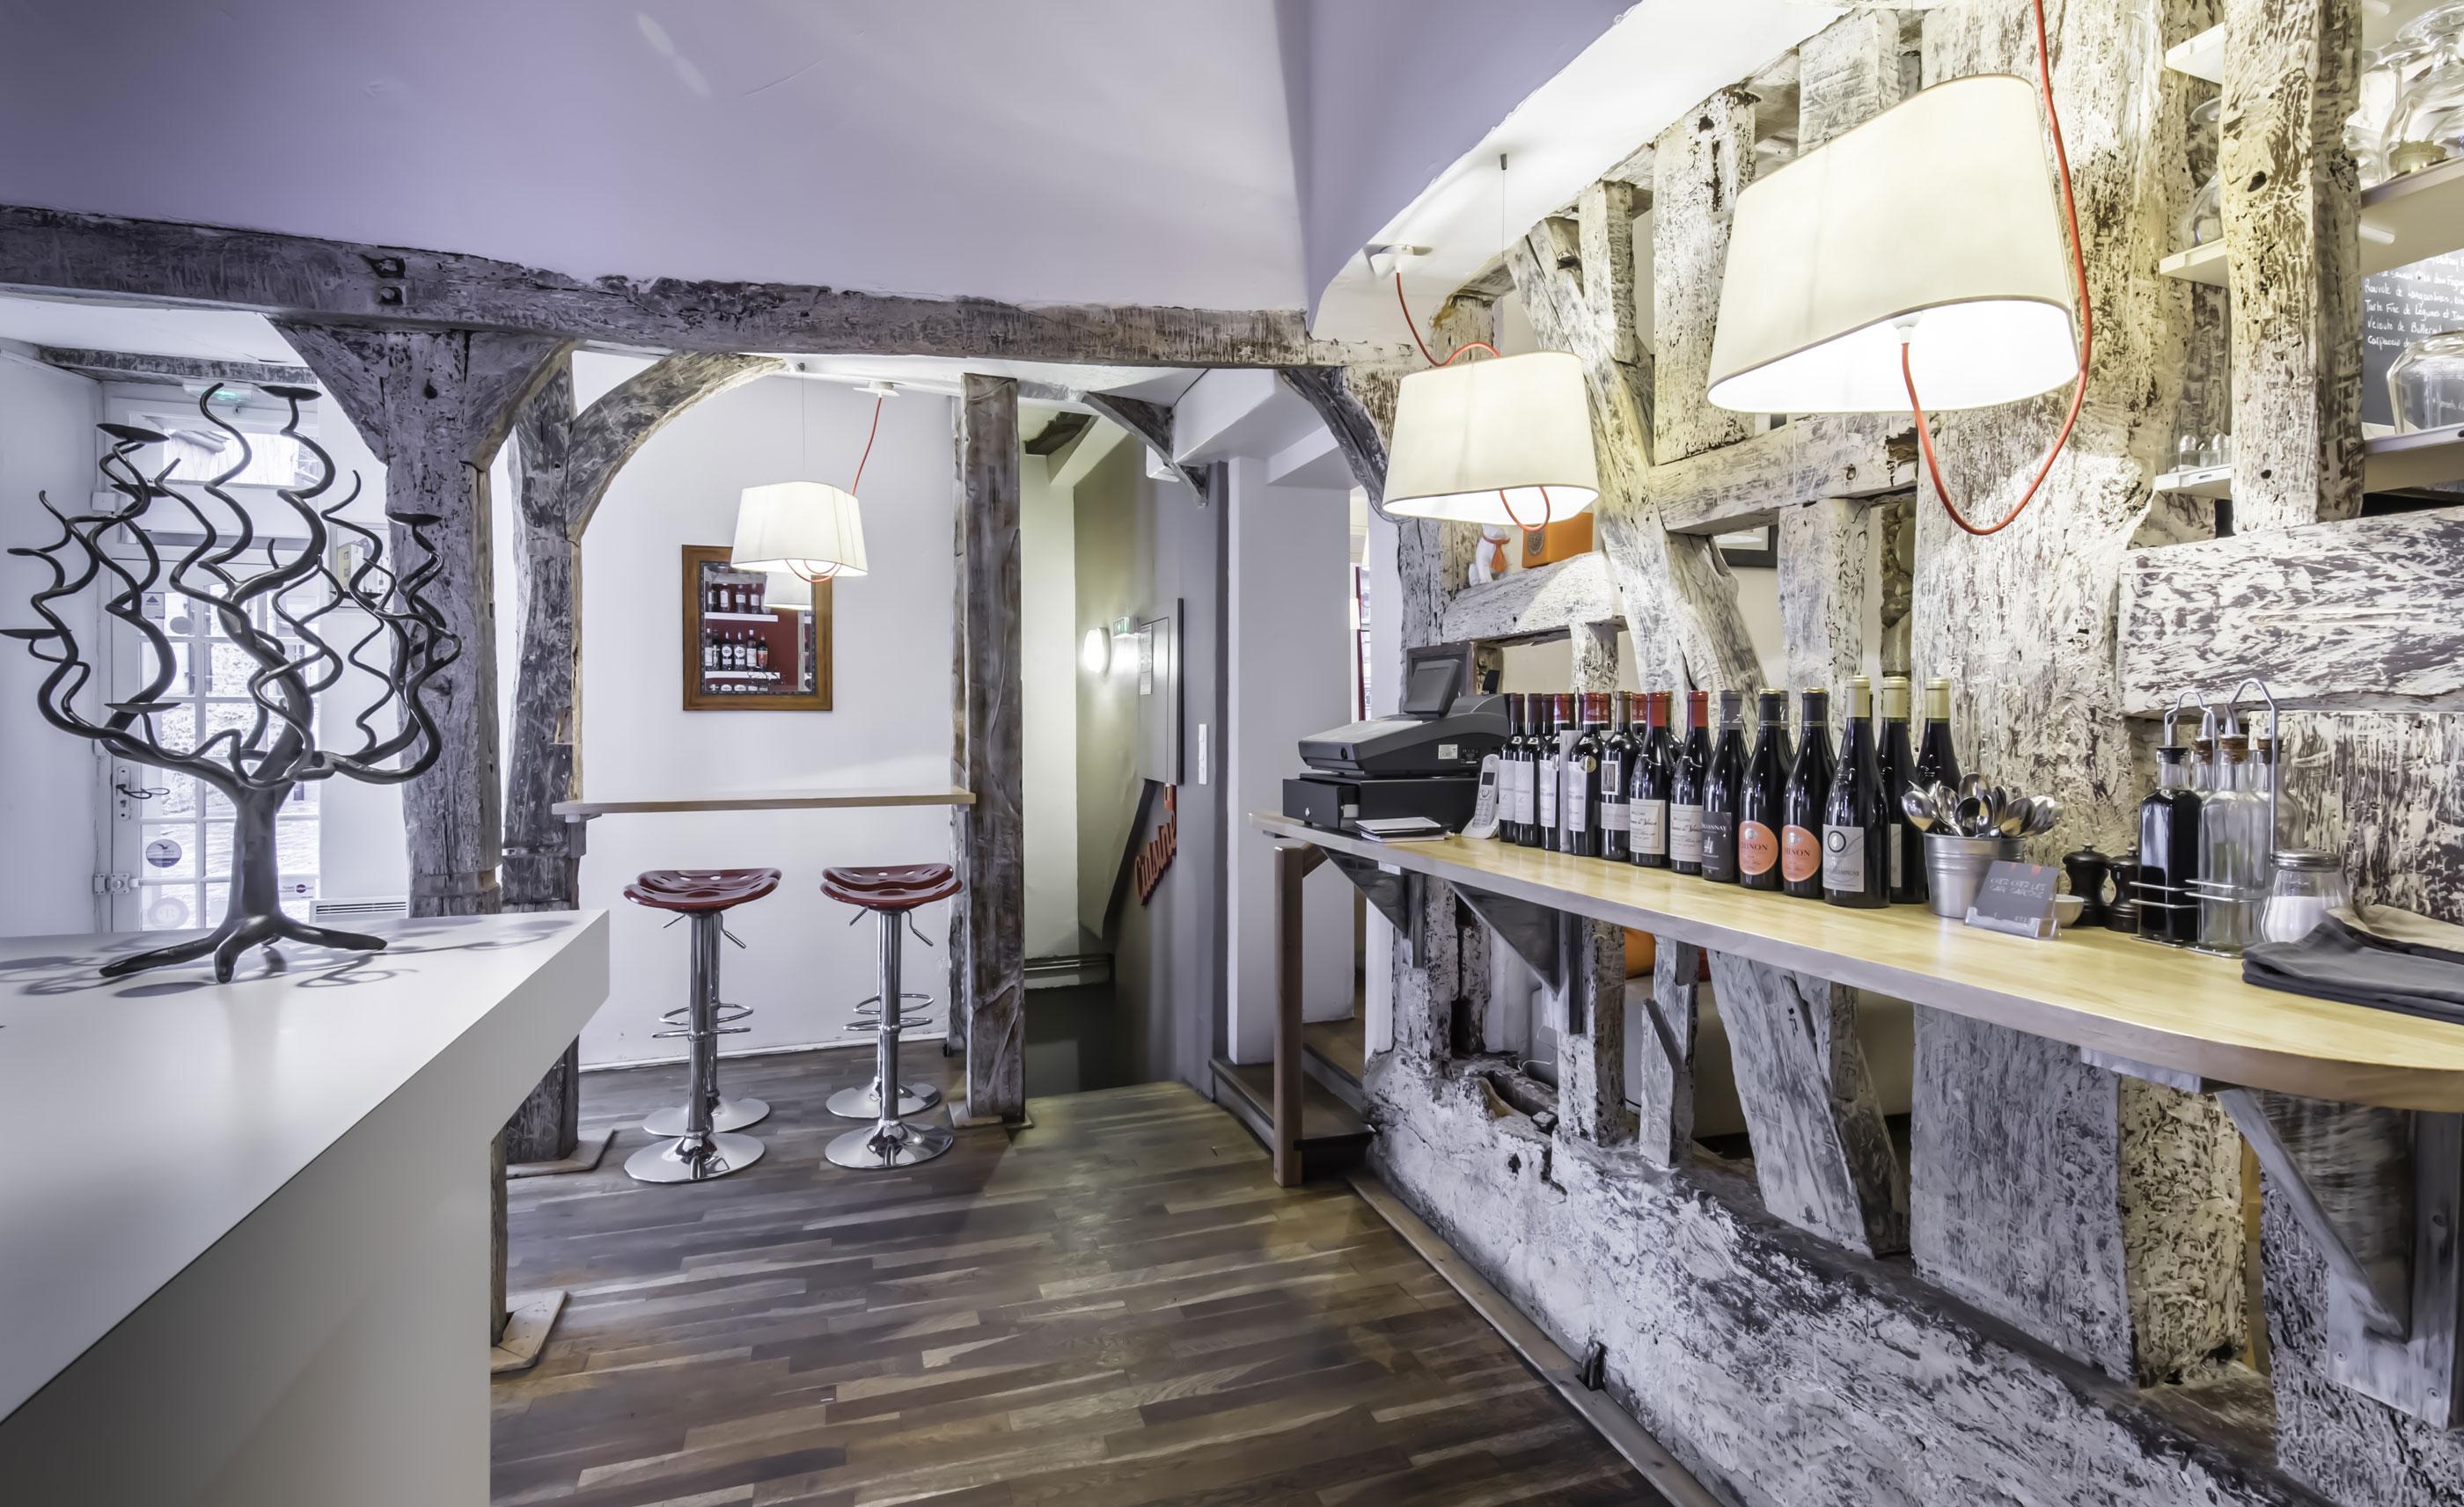 vue intérieure Restaurant chez Les Garçons à Rennes